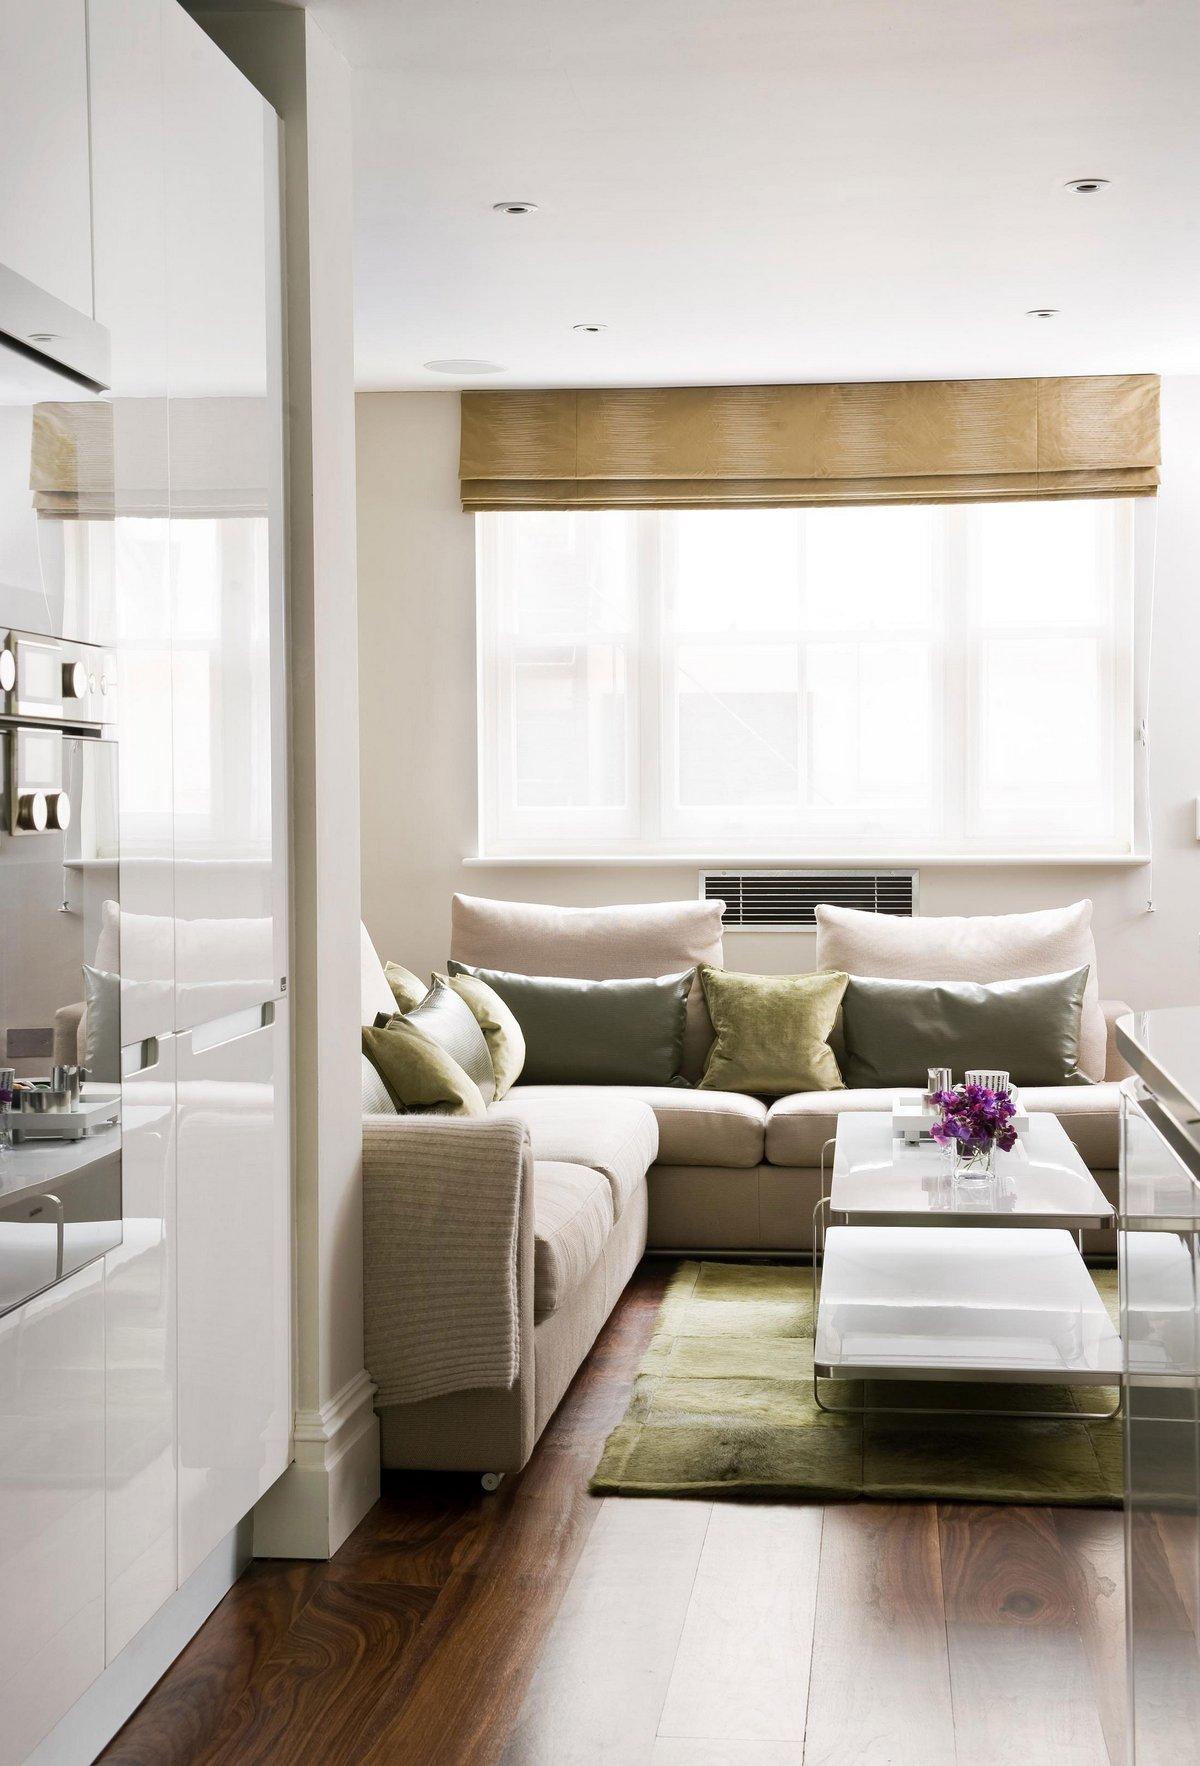 Современный частный дом, современный дизайн интерьера, малая площадь дома, Belgravia House, Staffan Tollgard Design, летняя кухня фото примеры